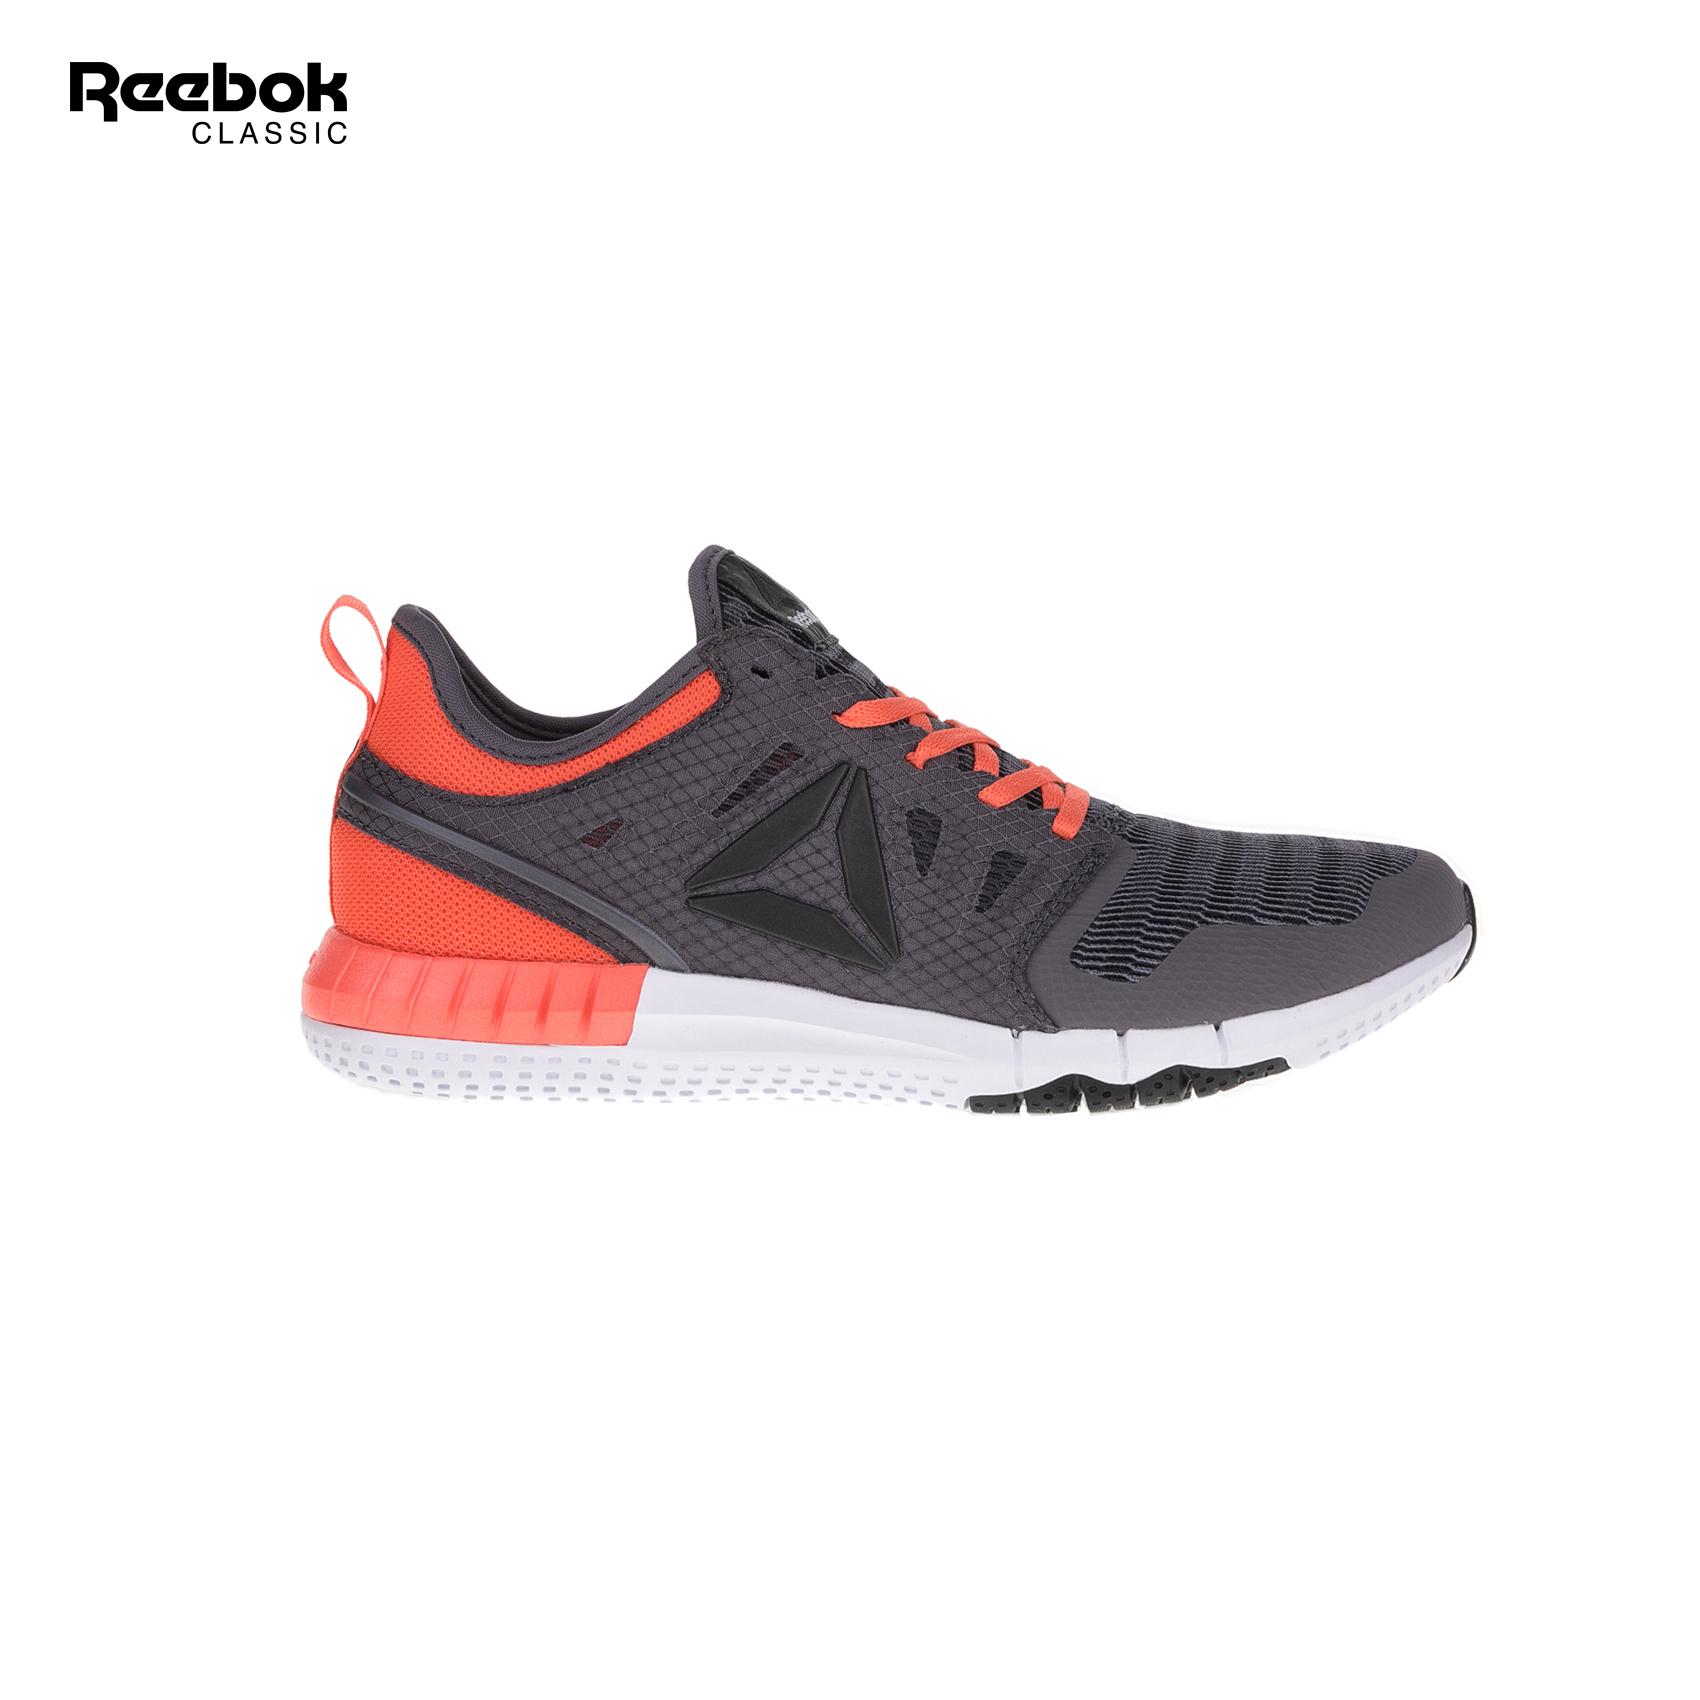 REEBOK CLASSIC – Γυναικεία παπούτσια για τρέξιμο REEBOK ZPrint 3D γκρι